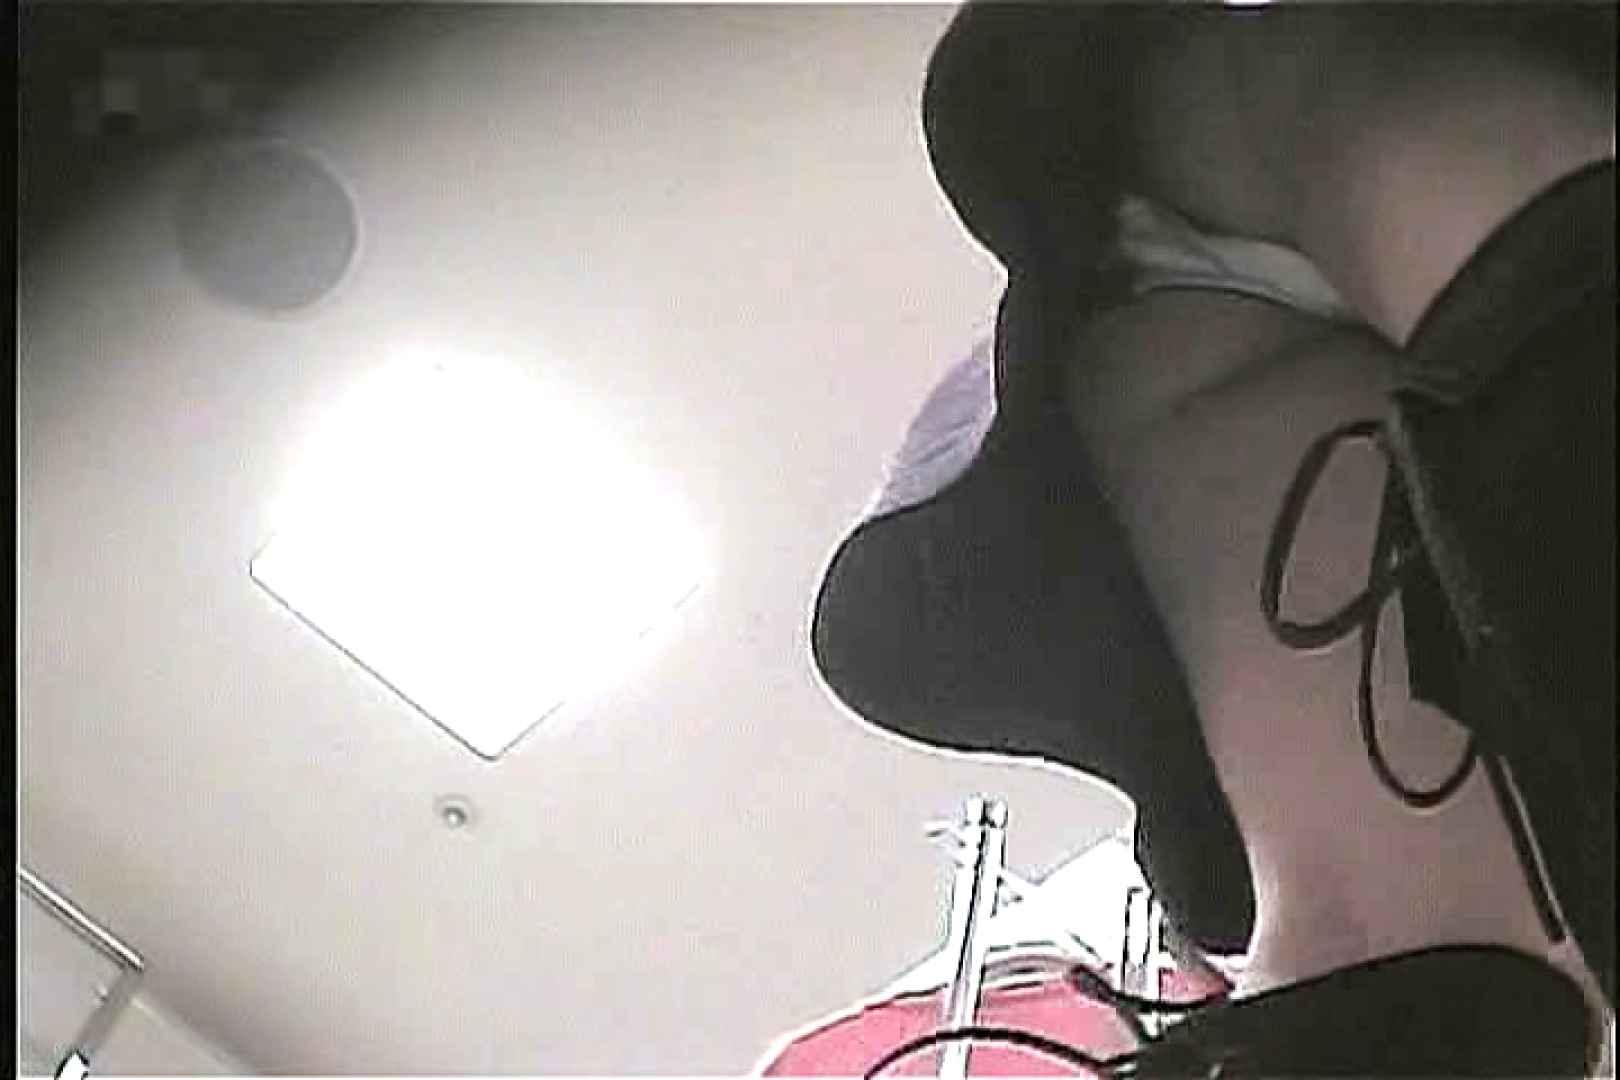 ショップ店員のパンチラアクシデント Vol.12 OL女体 おまんこ無修正動画無料 108連発 107